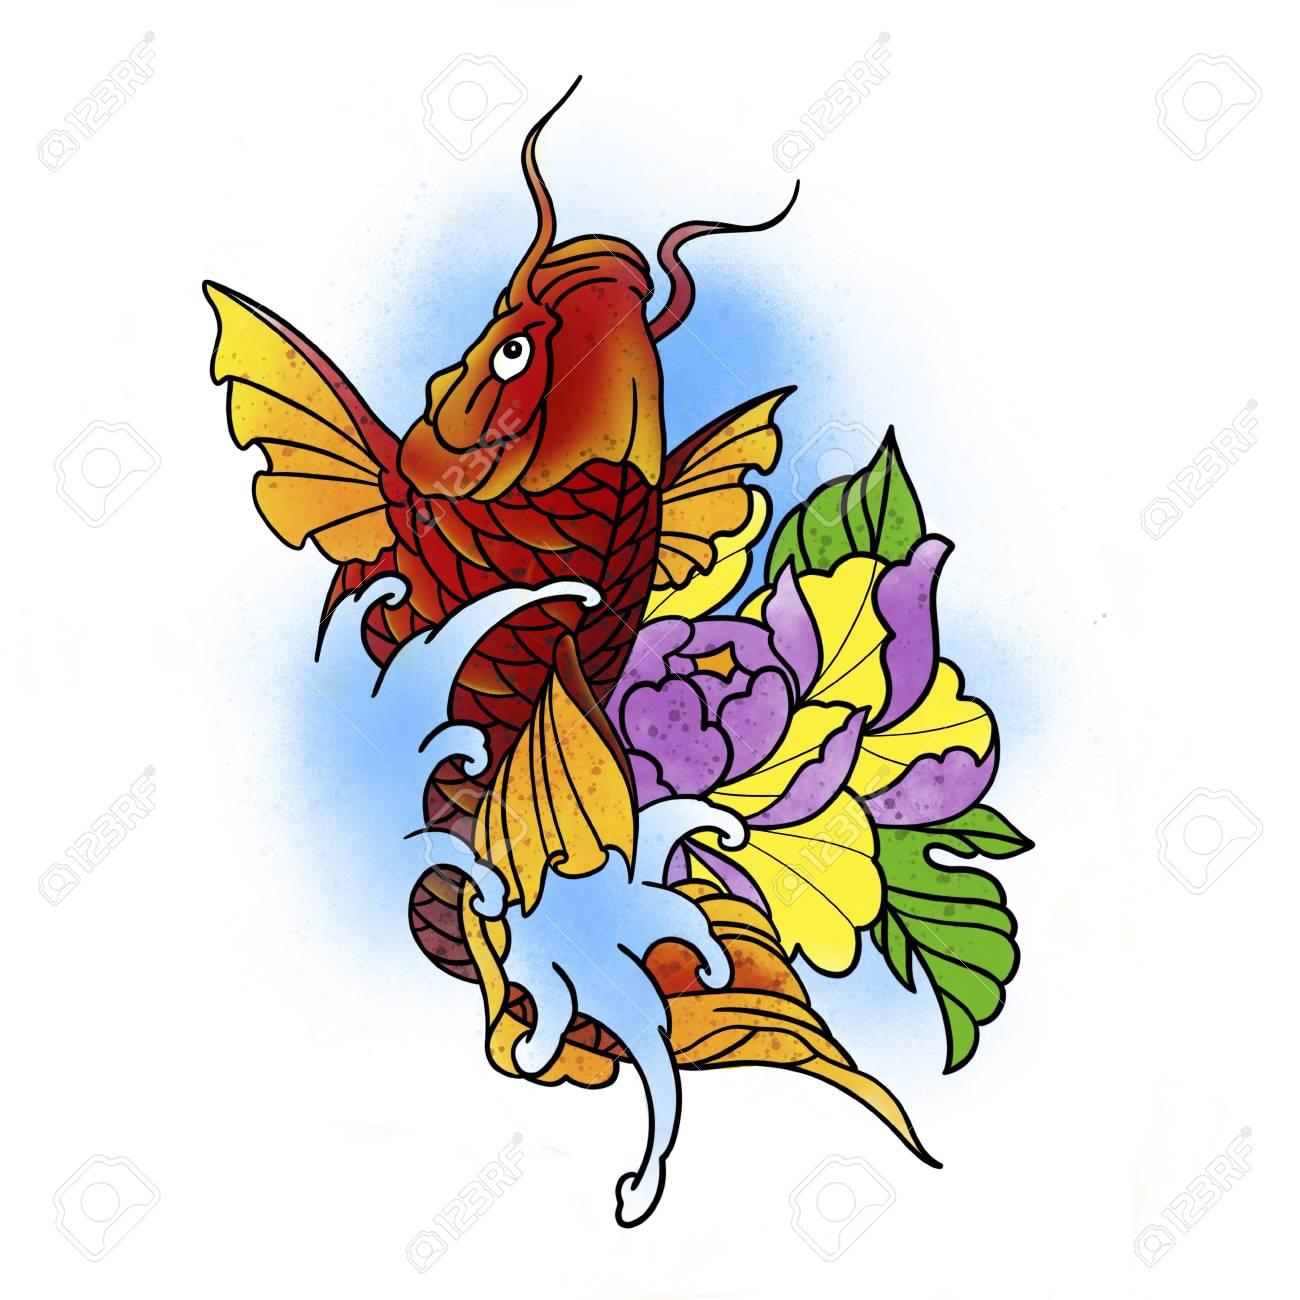 Poisson stylisé et fleur. Conception de tatouage. Illustration de dessin animé, style dessiné à la main. Banque d'images - 87698975